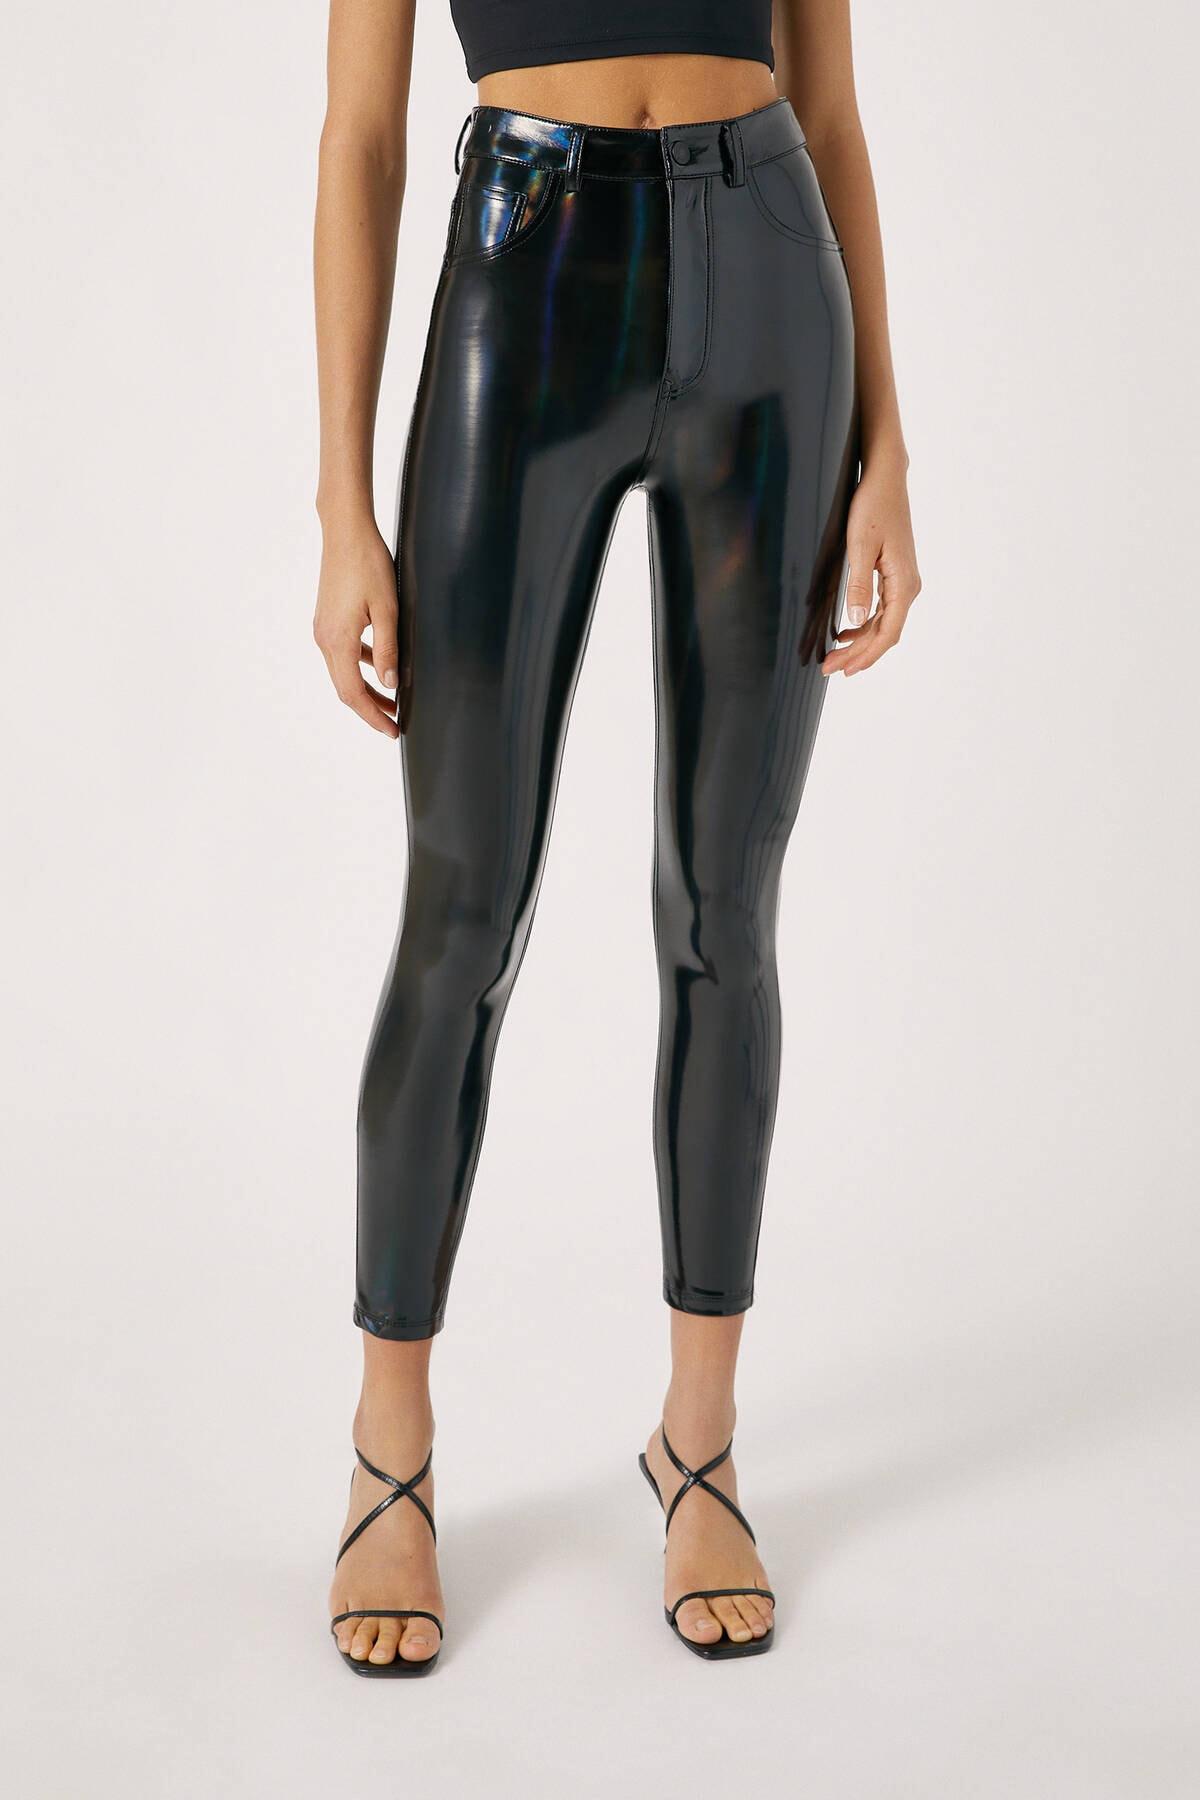 Pull & Bear Kadın Siyah High-Waist Vinyl Trousers 09678314 2